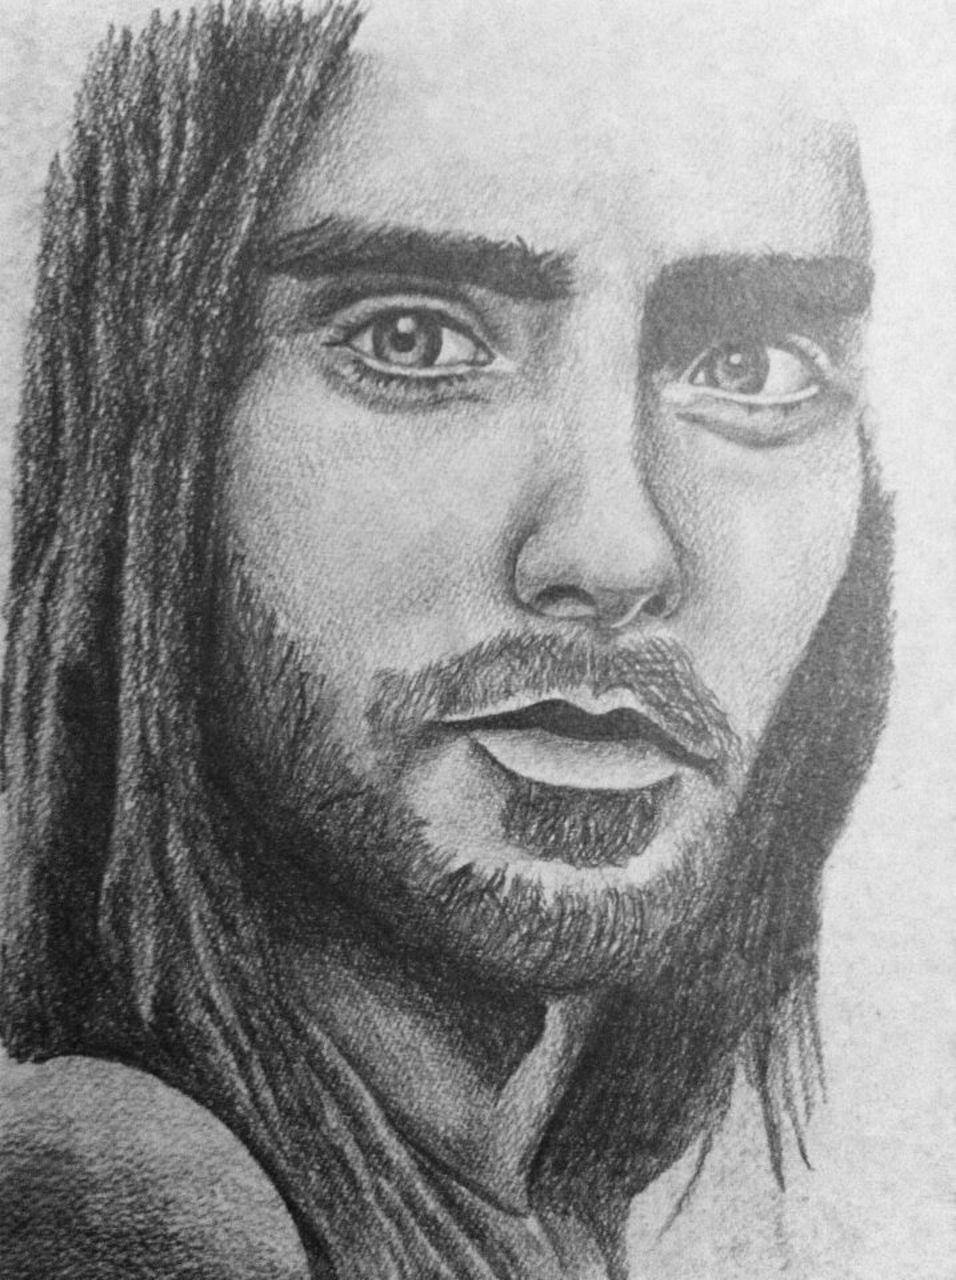 Crombois portrait 4